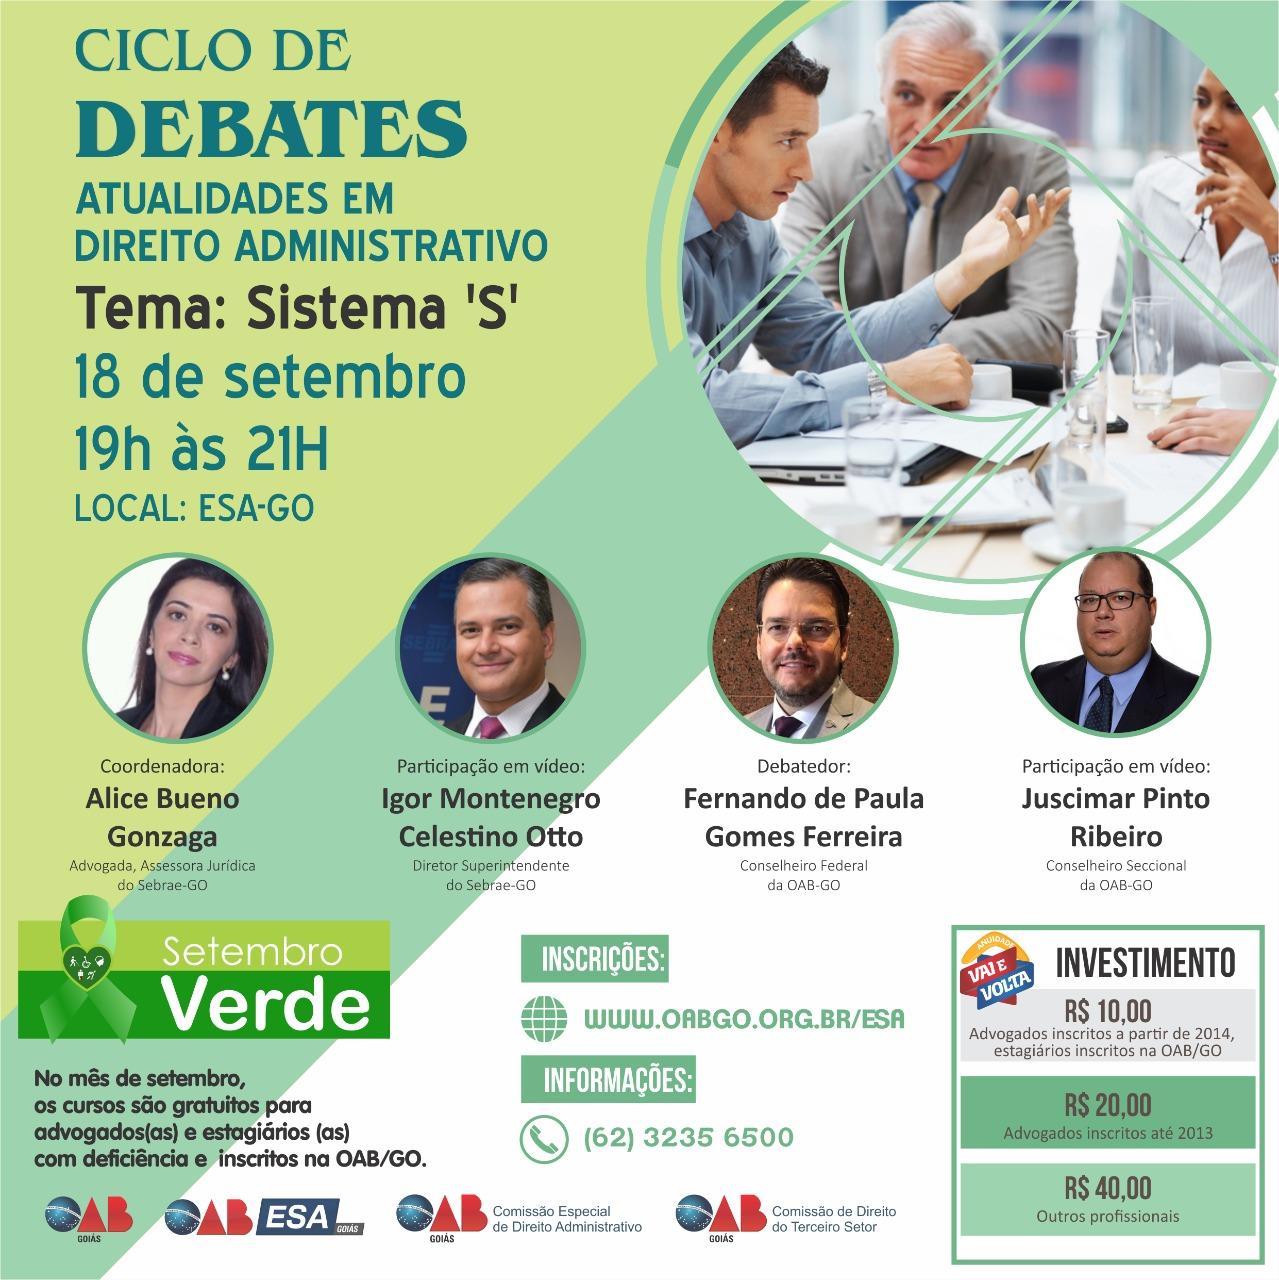 18.09 - Ciclo de Debates: Atualidades em Direito Administrativo - Sistema 'S'